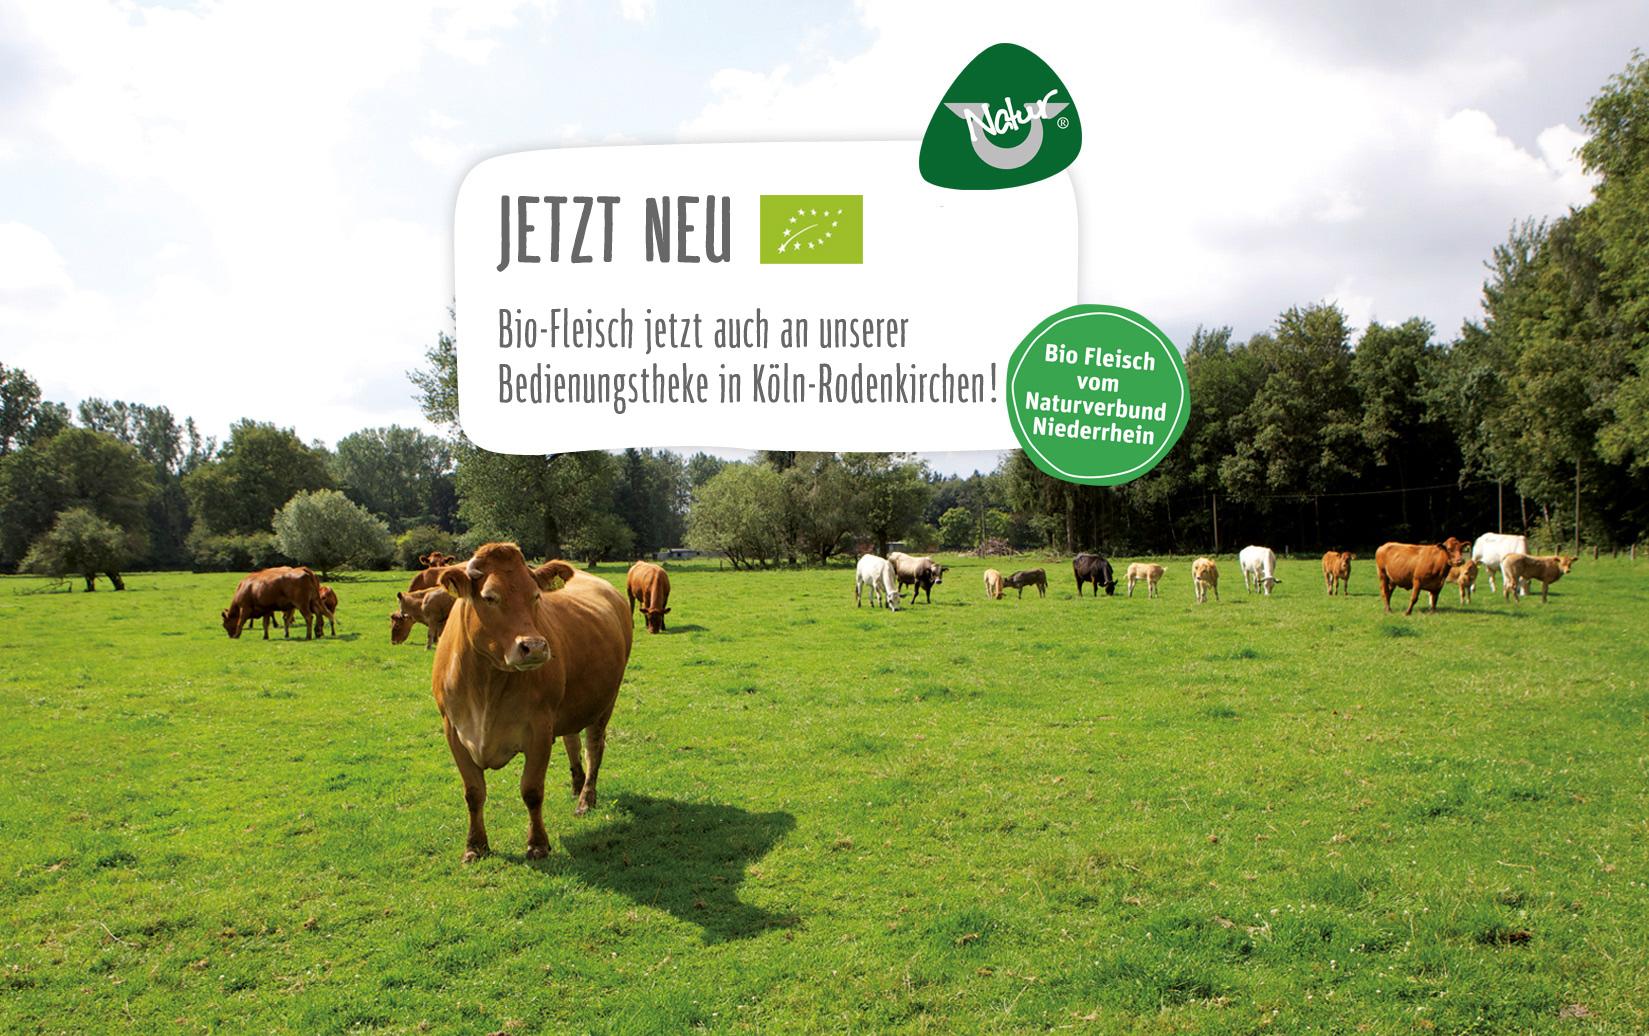 REWE Istas - Biofleisch jetzt auch in Köln-Rodenkirchen!